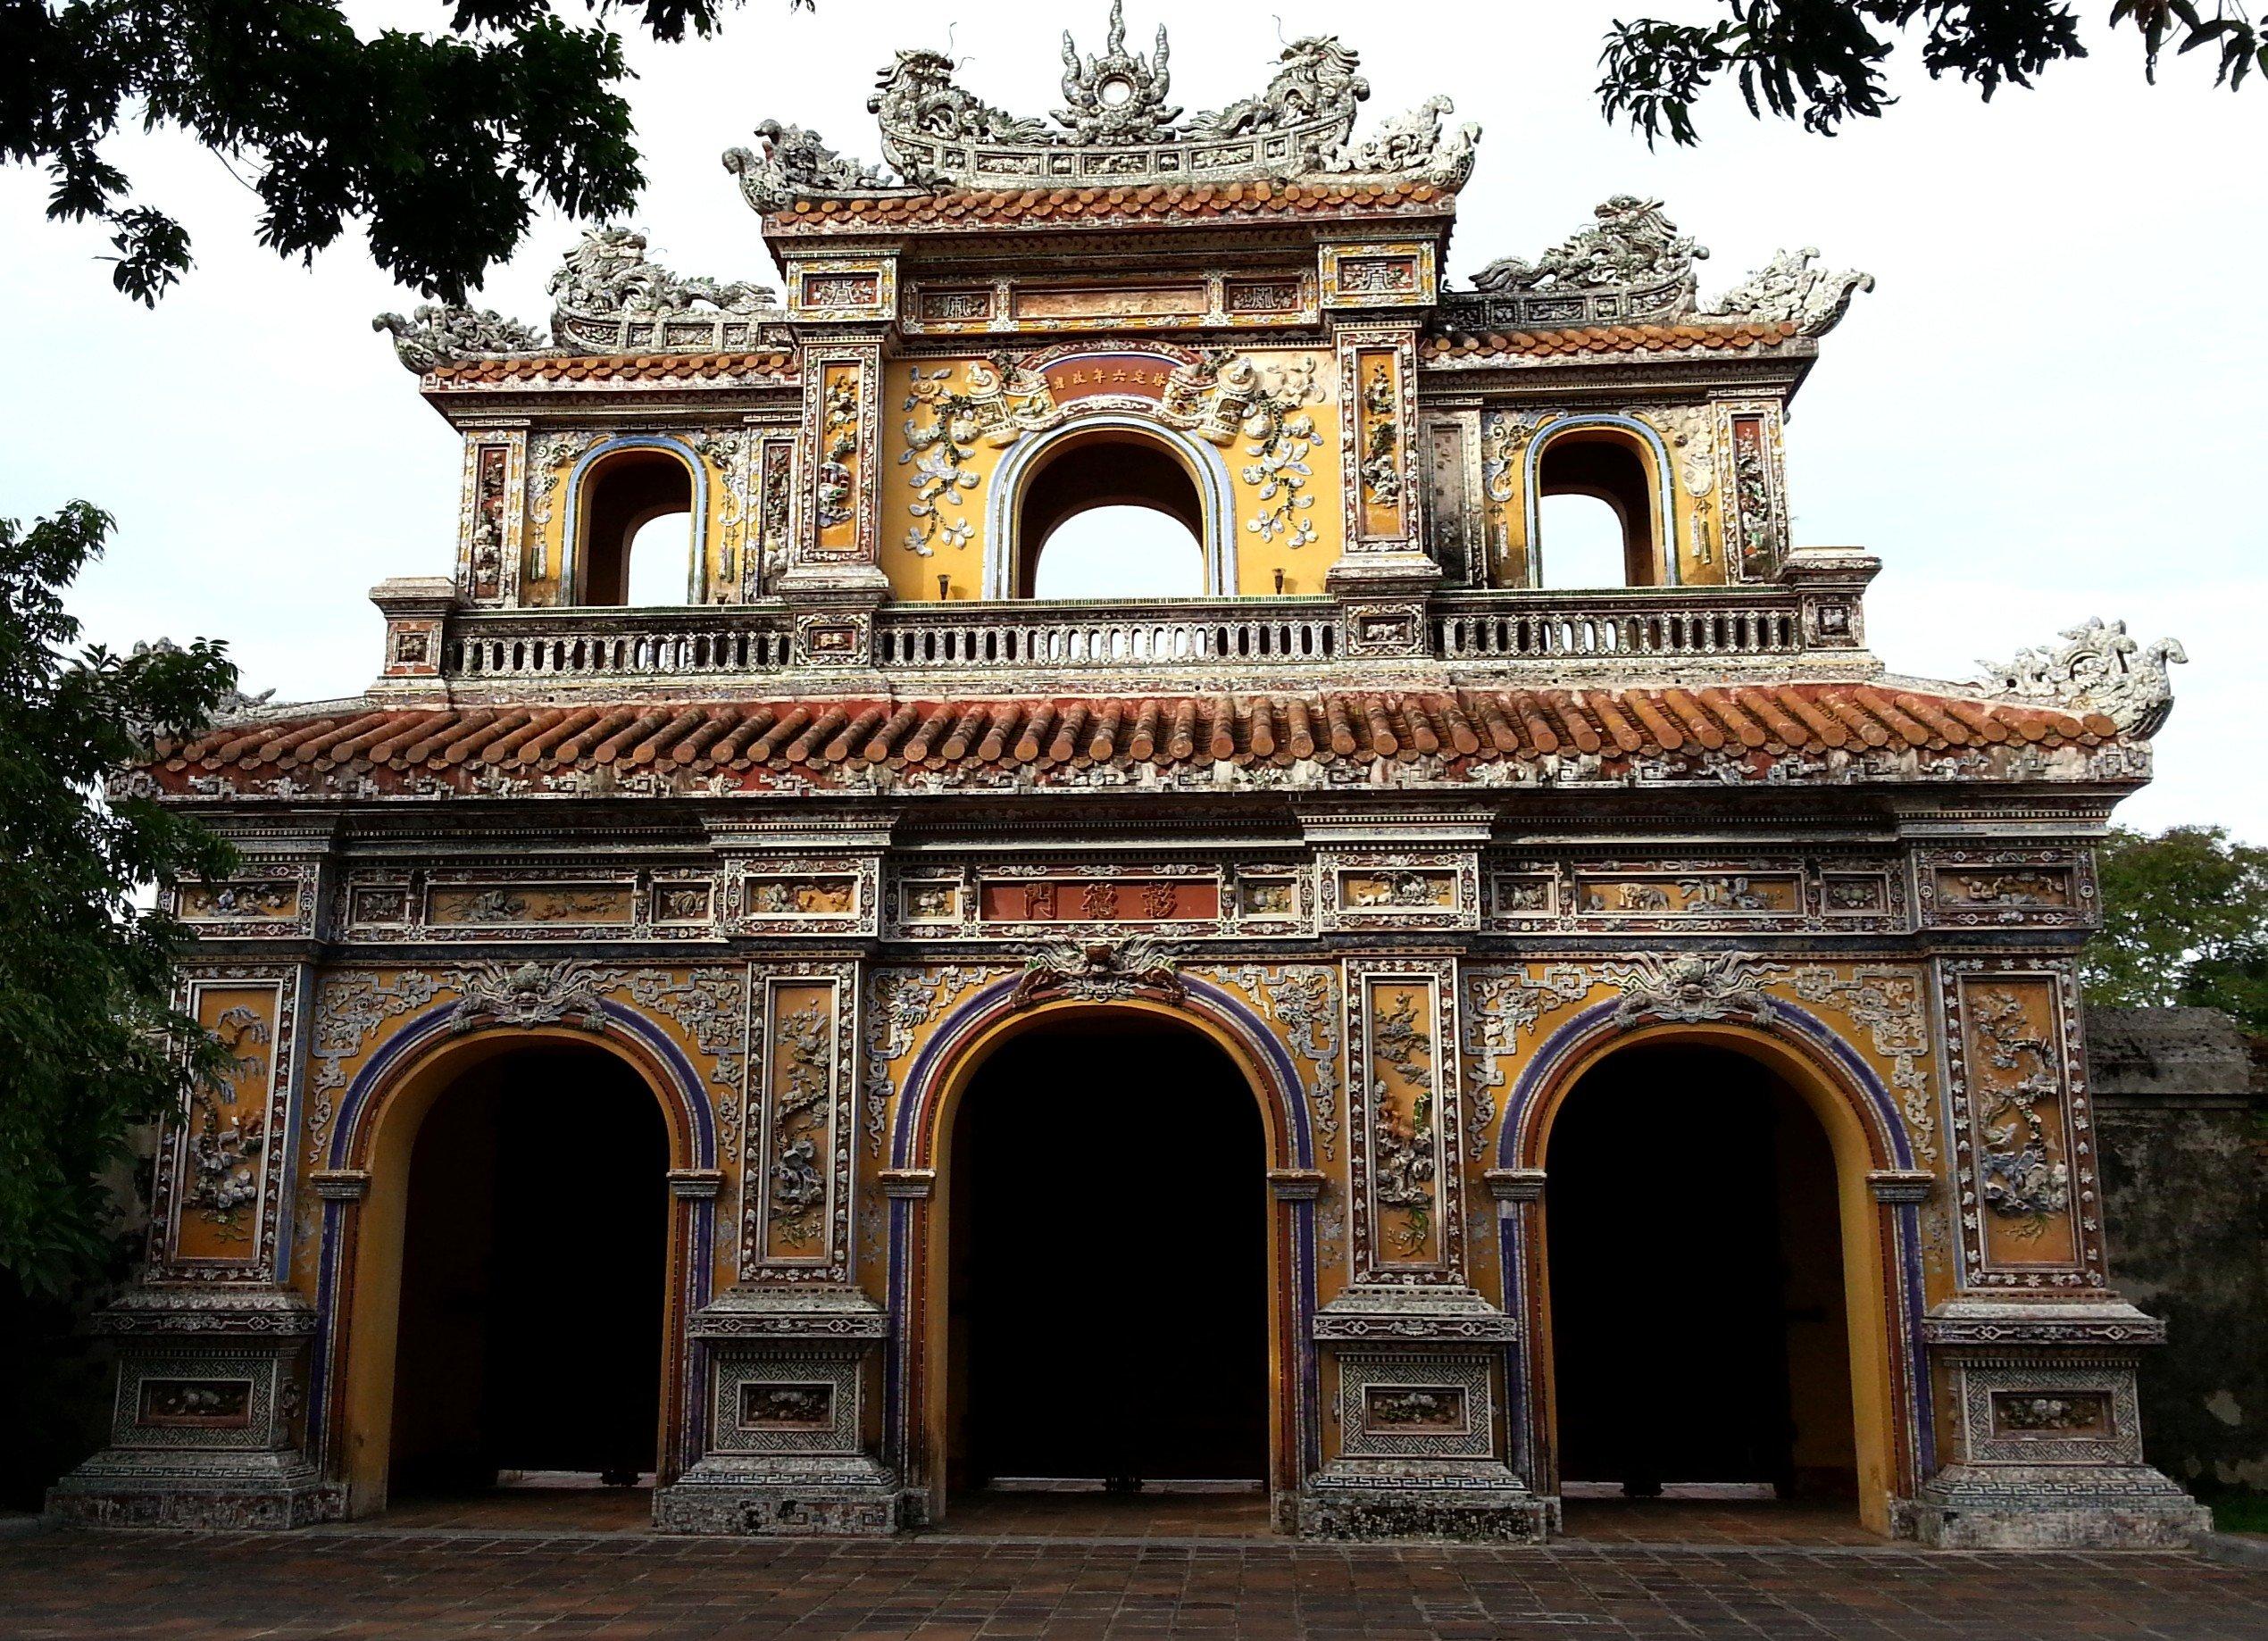 Hien Nhan Gate in Hue's Imperial Citadel